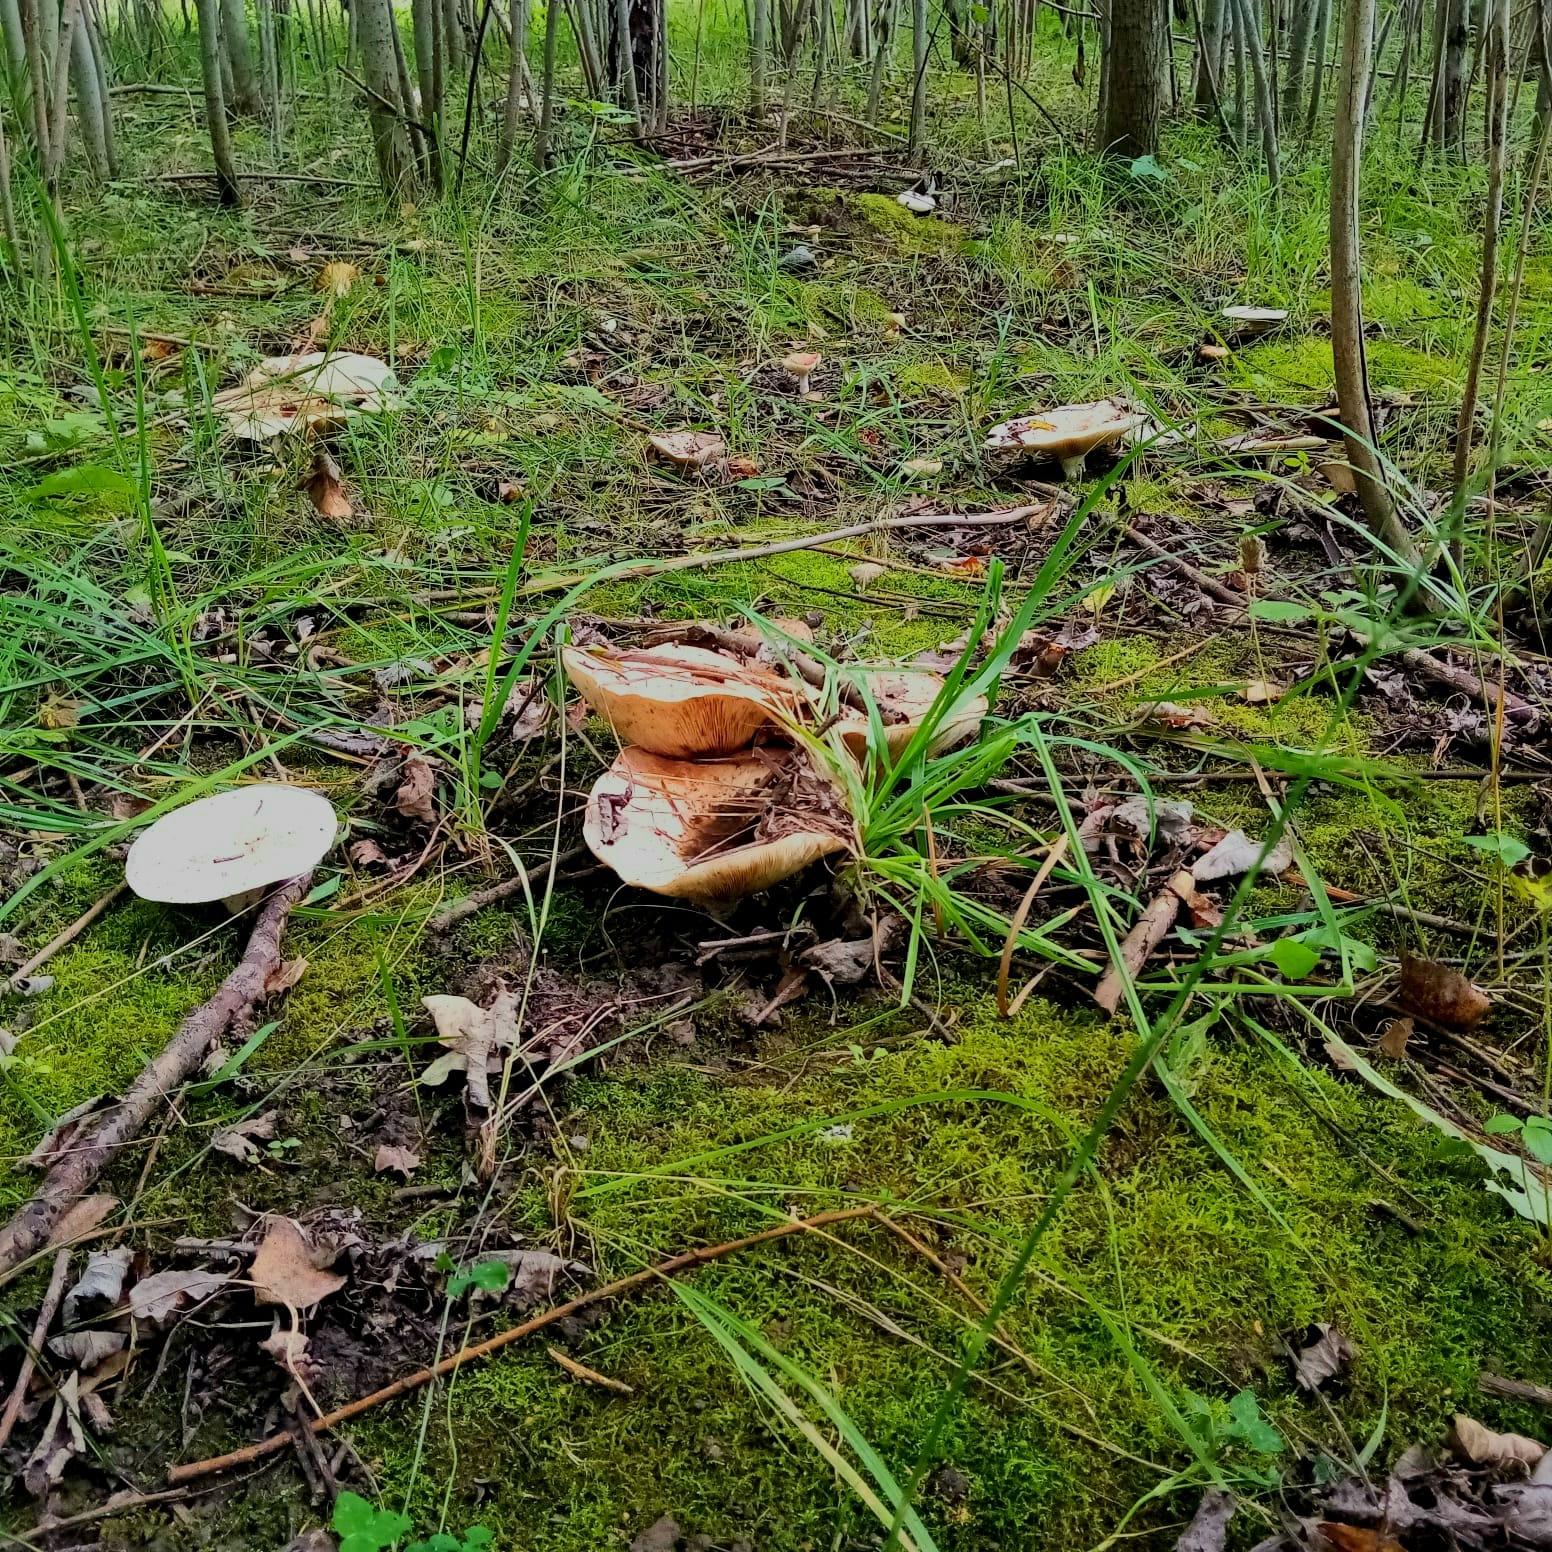 Тучка появилась, в лесу сумрачно становиться.